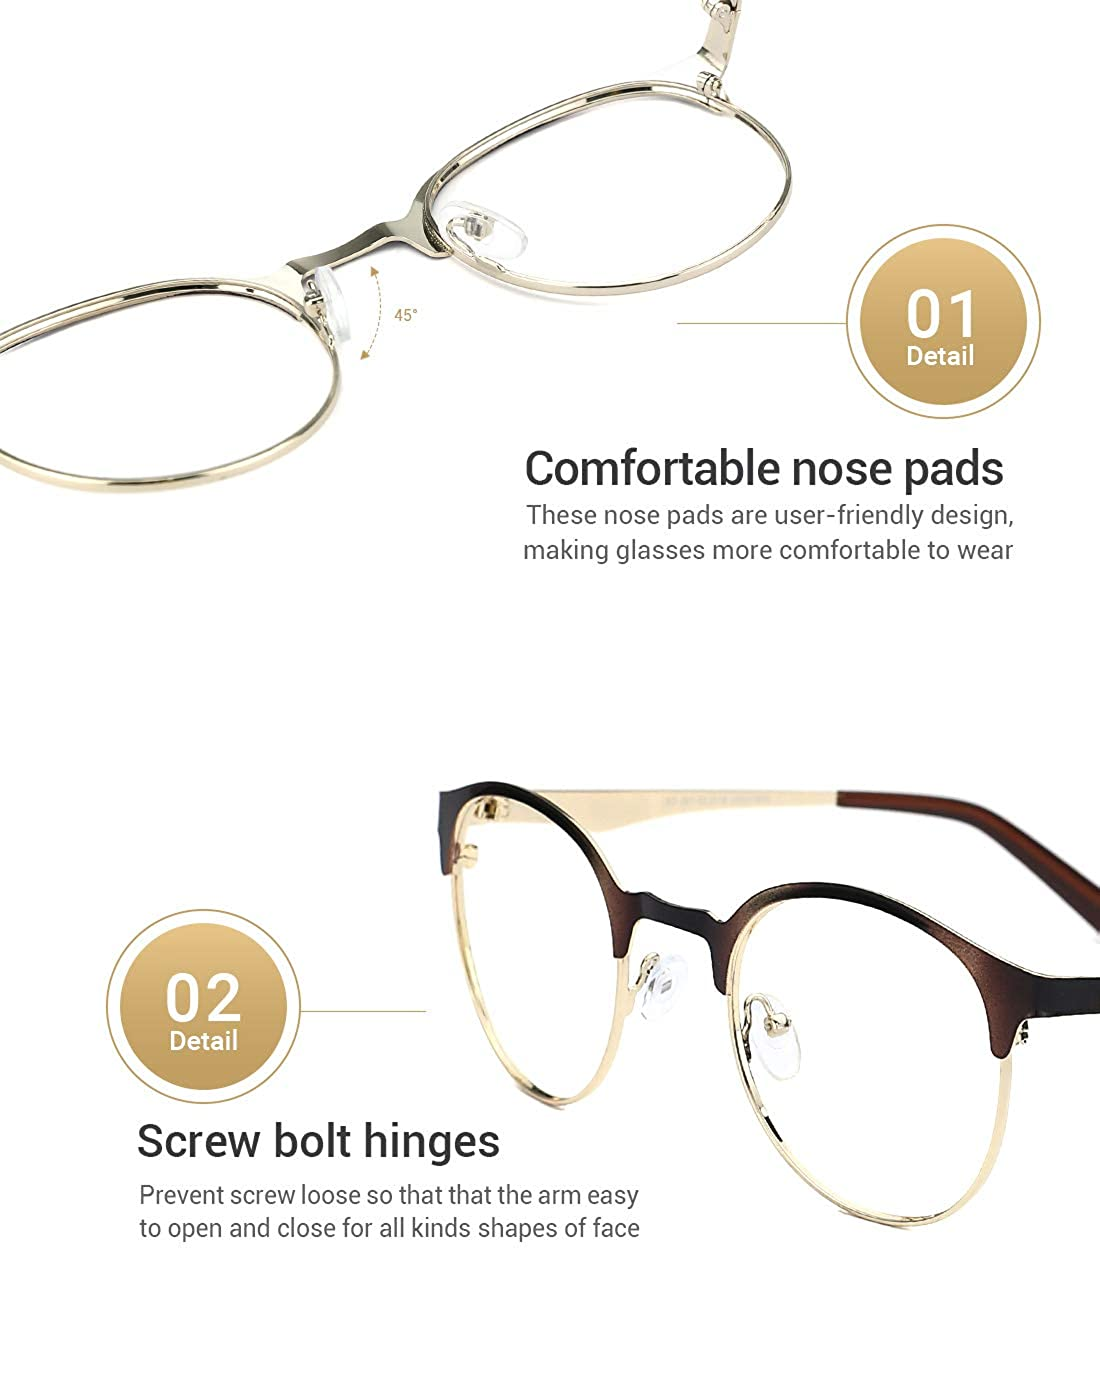 d9c833736e038 Brillenfassungen TIJN Neue Rund Metall Brillengestelle Herren Brille Ohne  Stärke Metallgestell Brillenfassung Damen Herren Accessoires